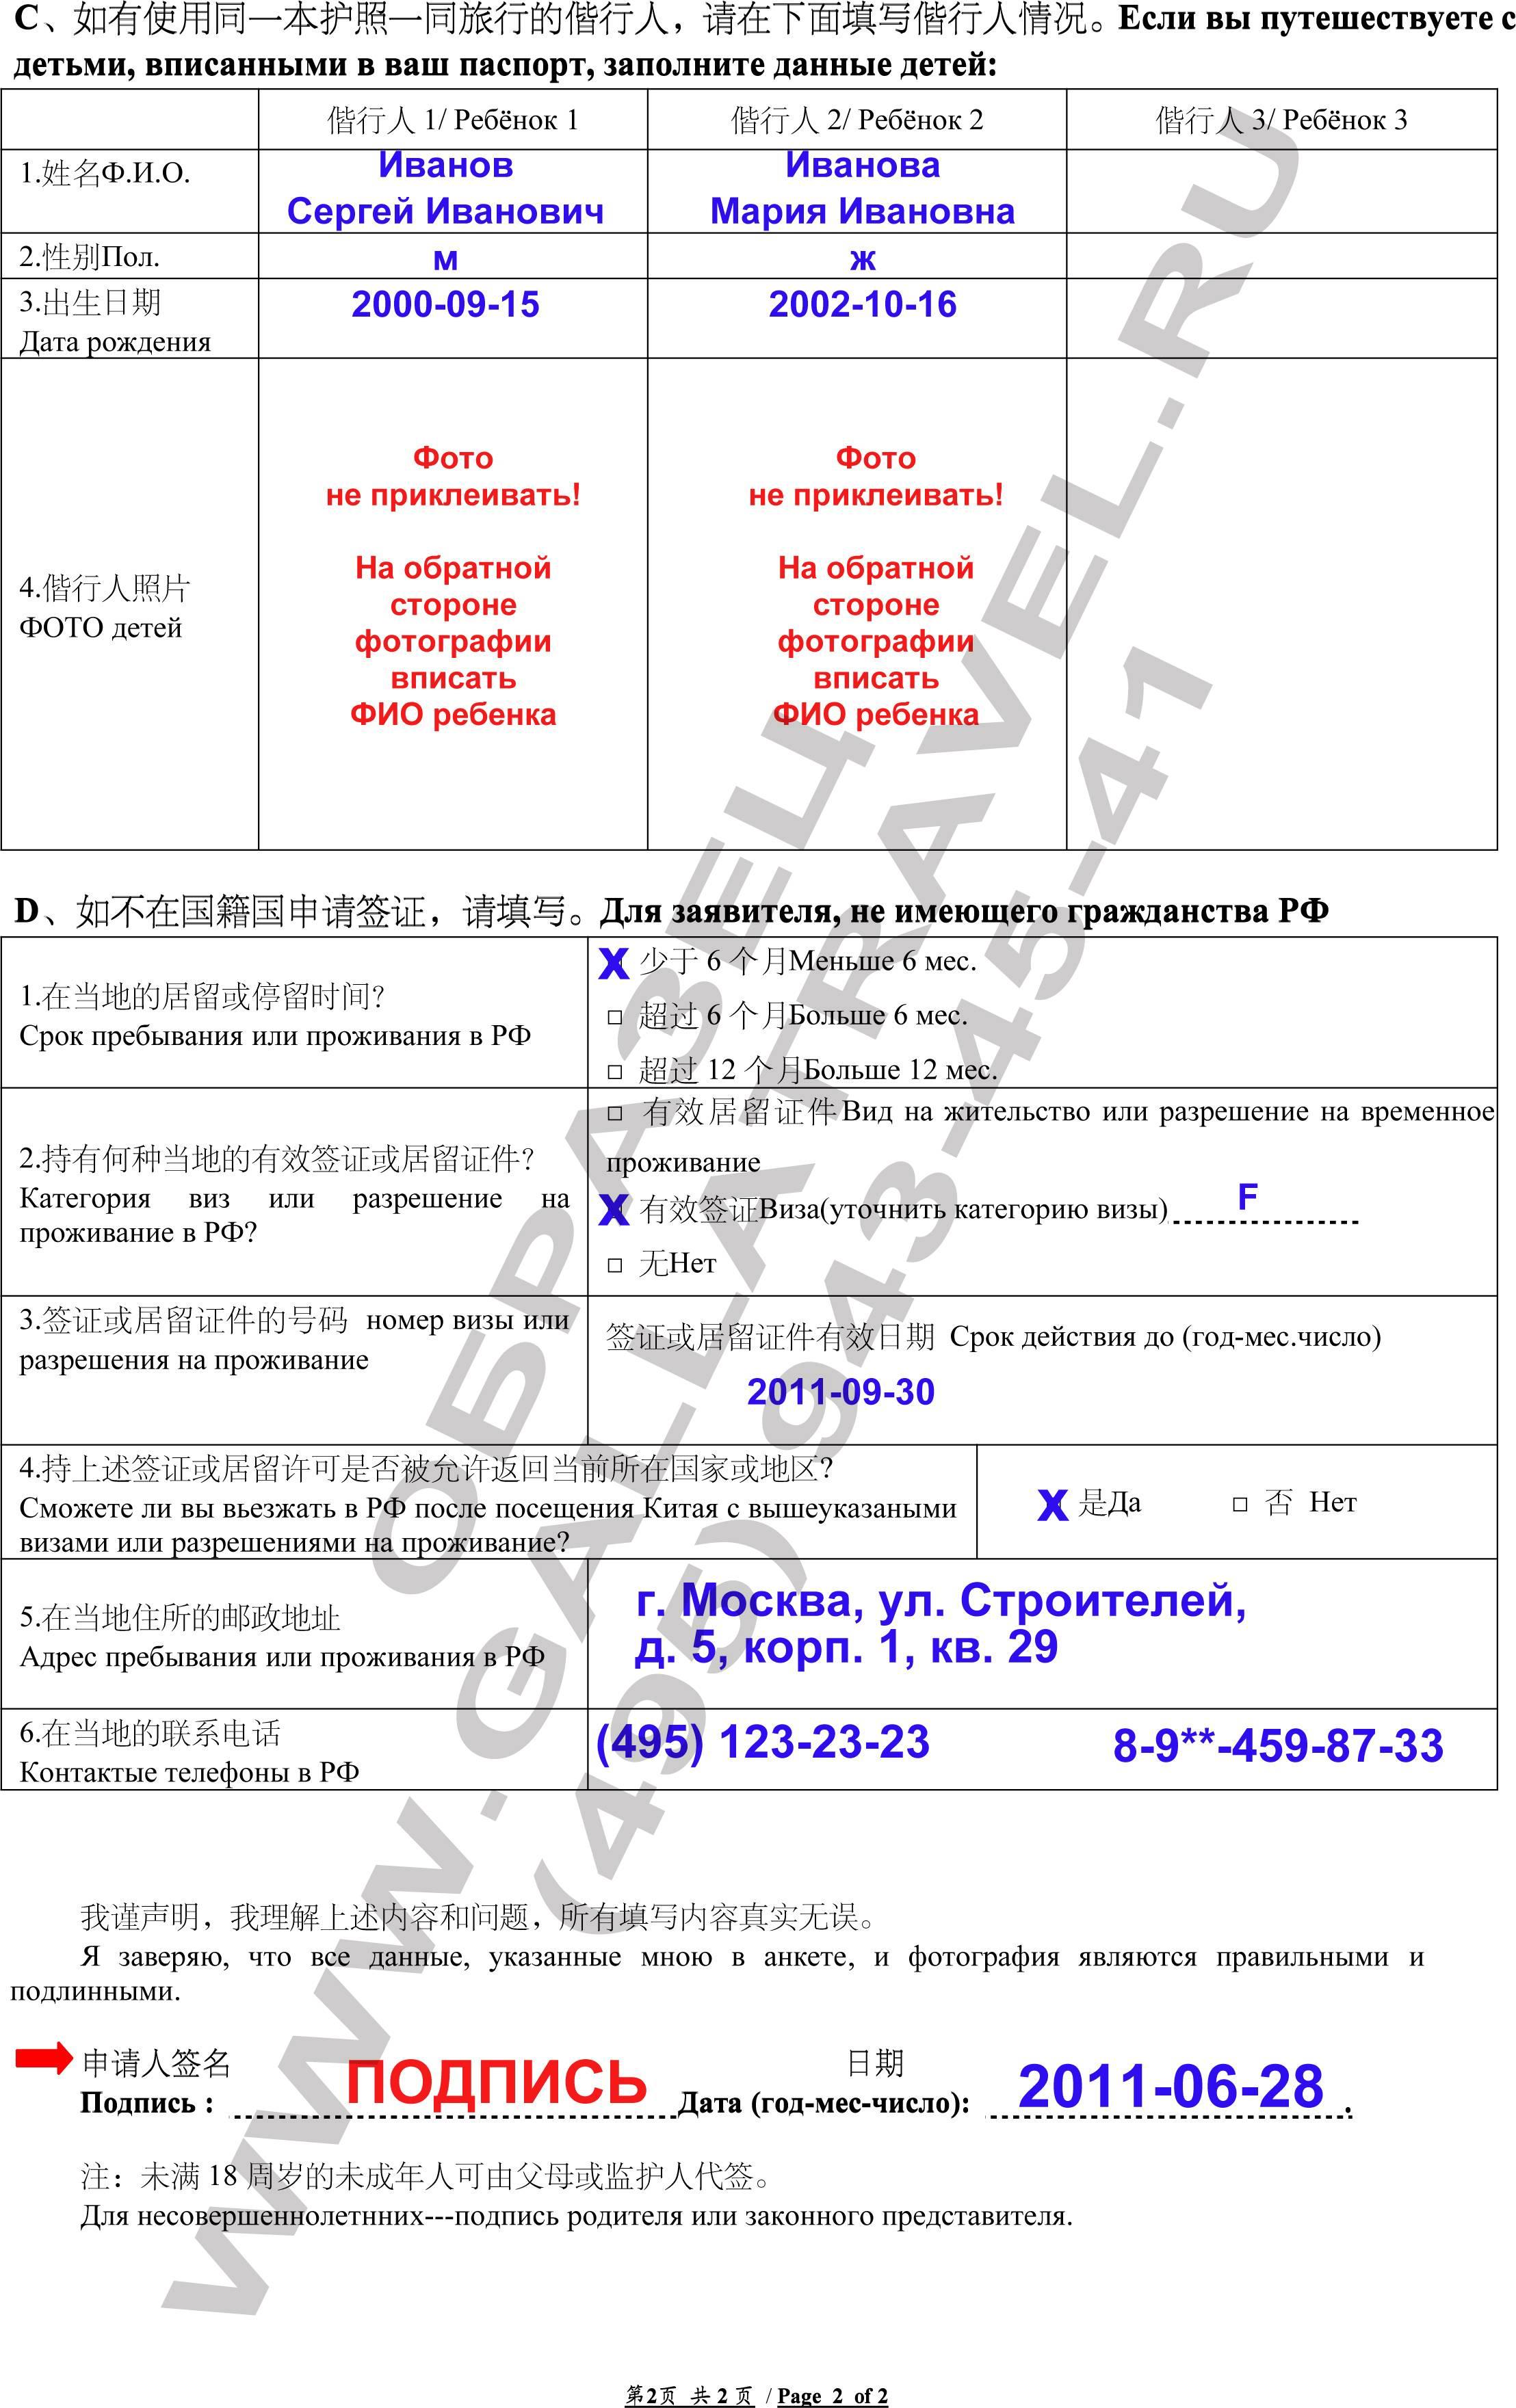 Студенческая виза в китай: порядок оформления